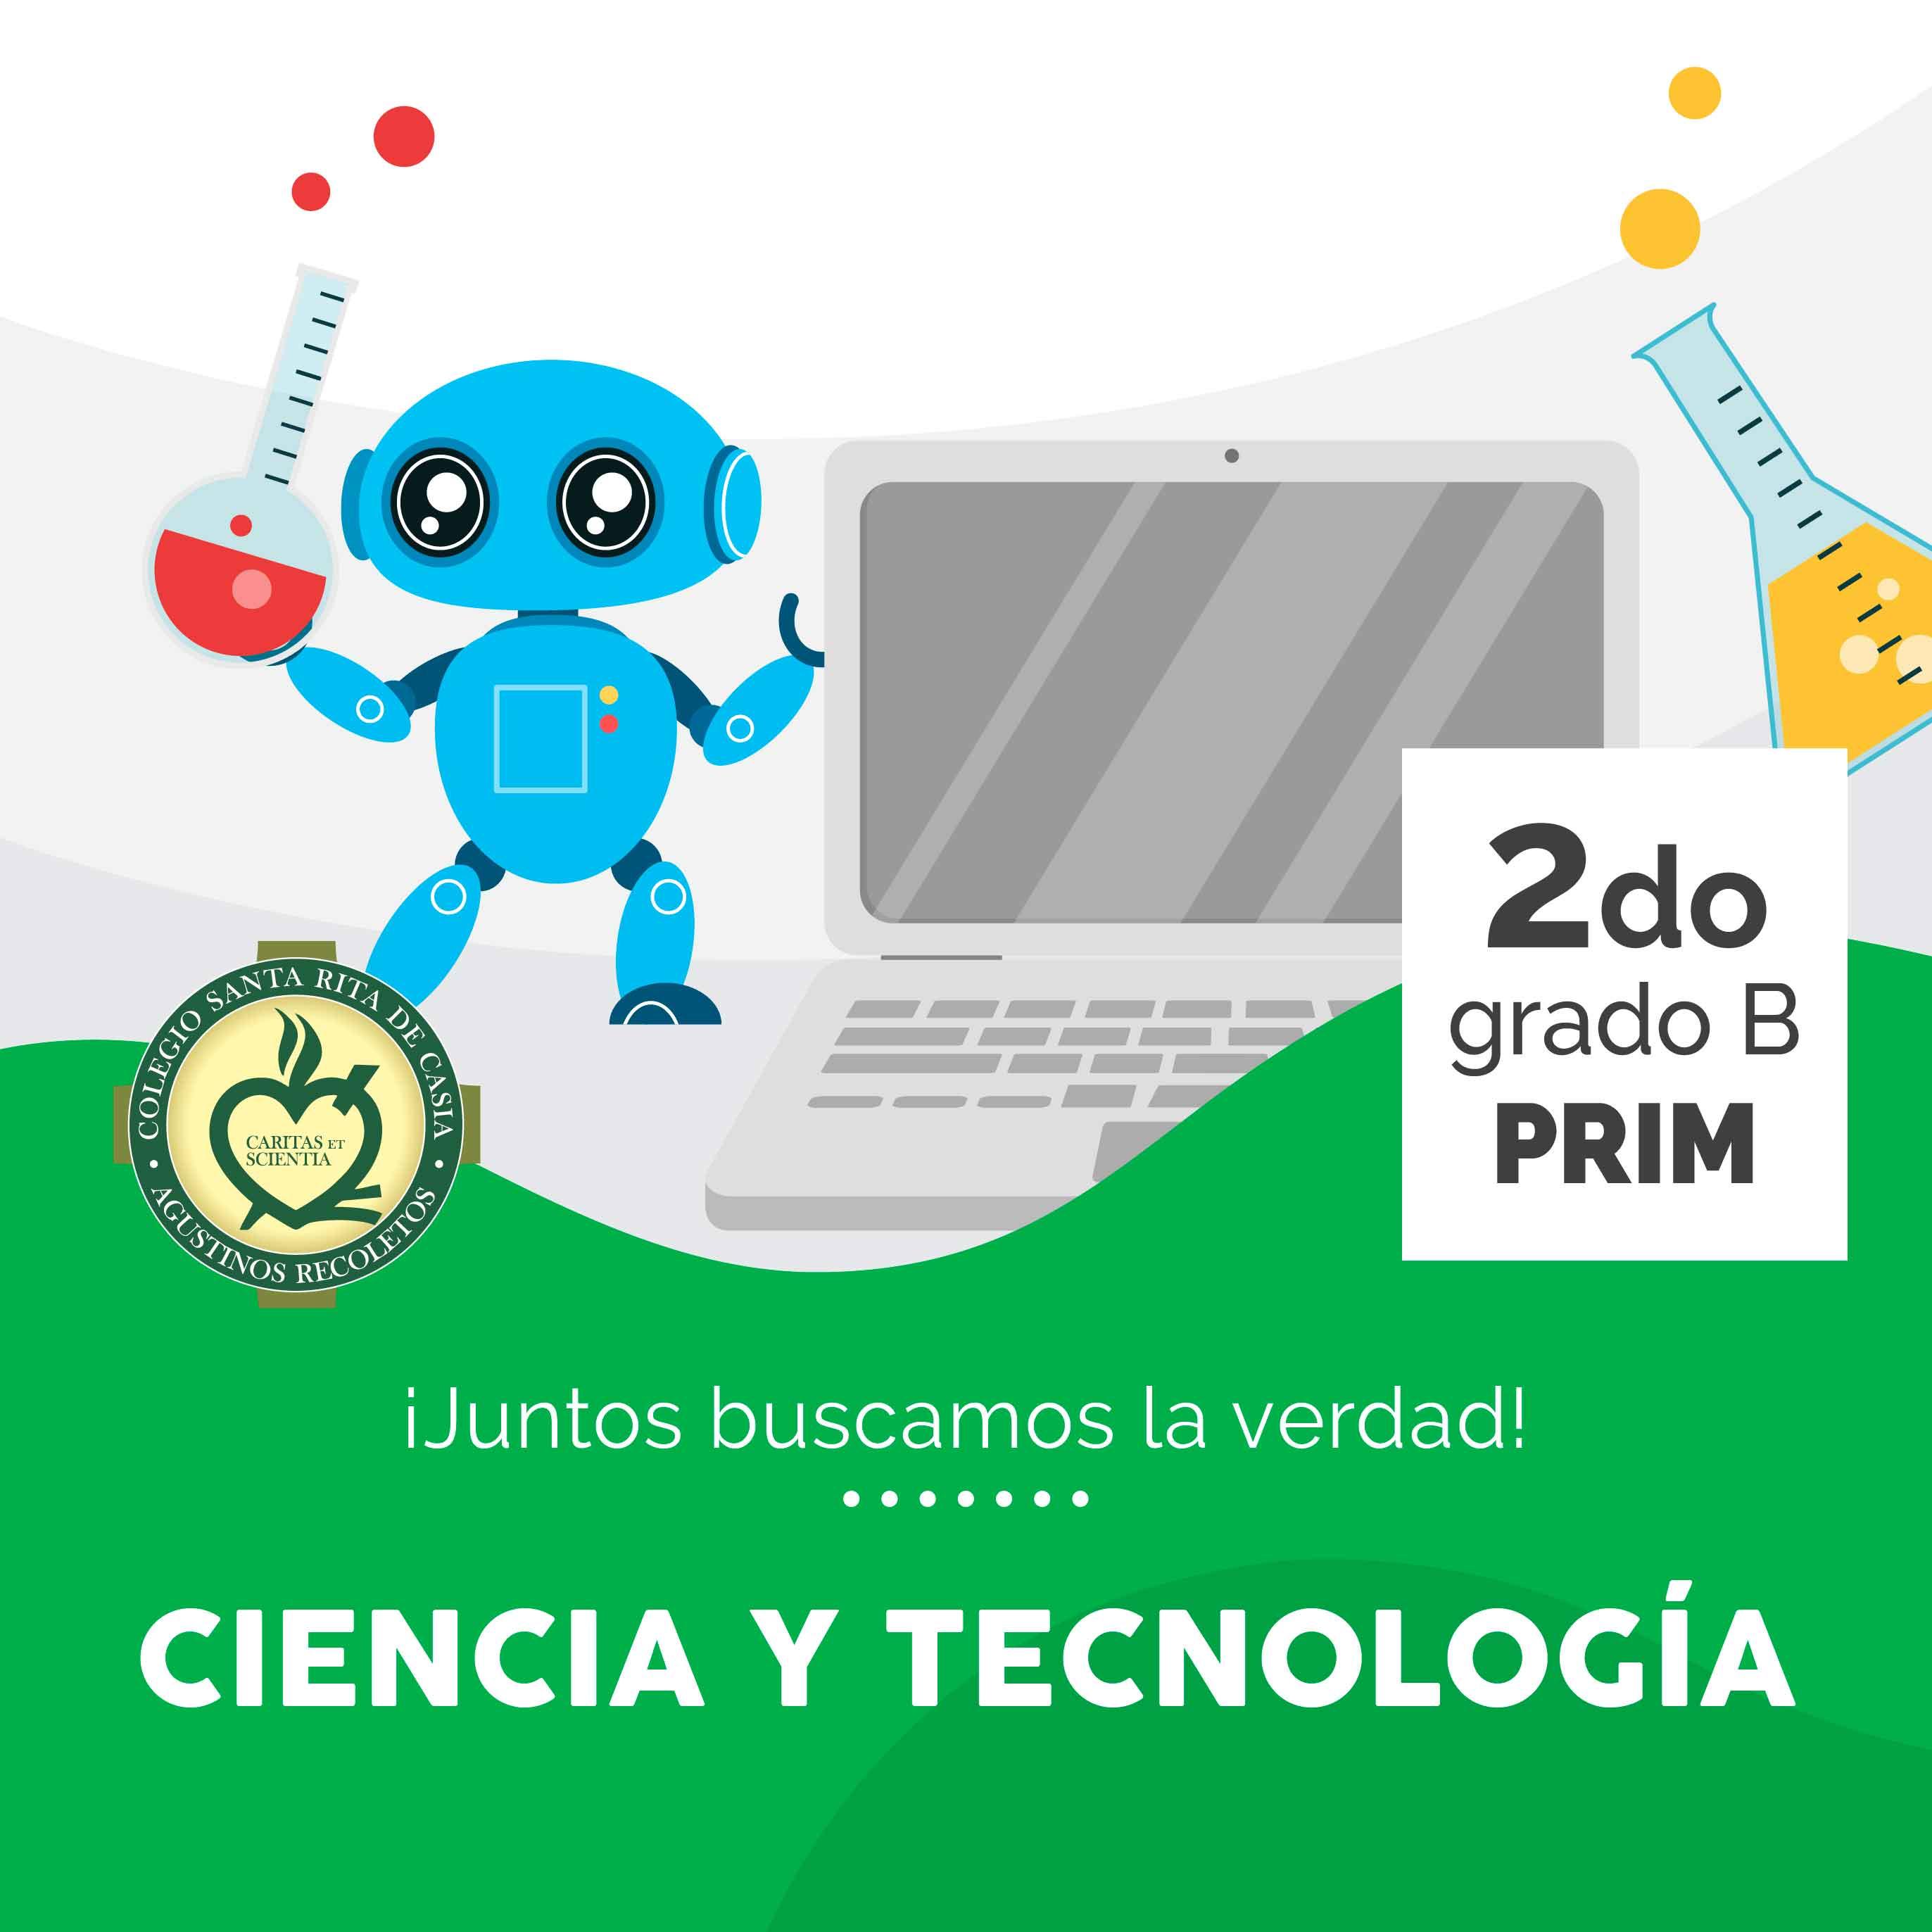 Ciencia y Tecnología 2do Grado B